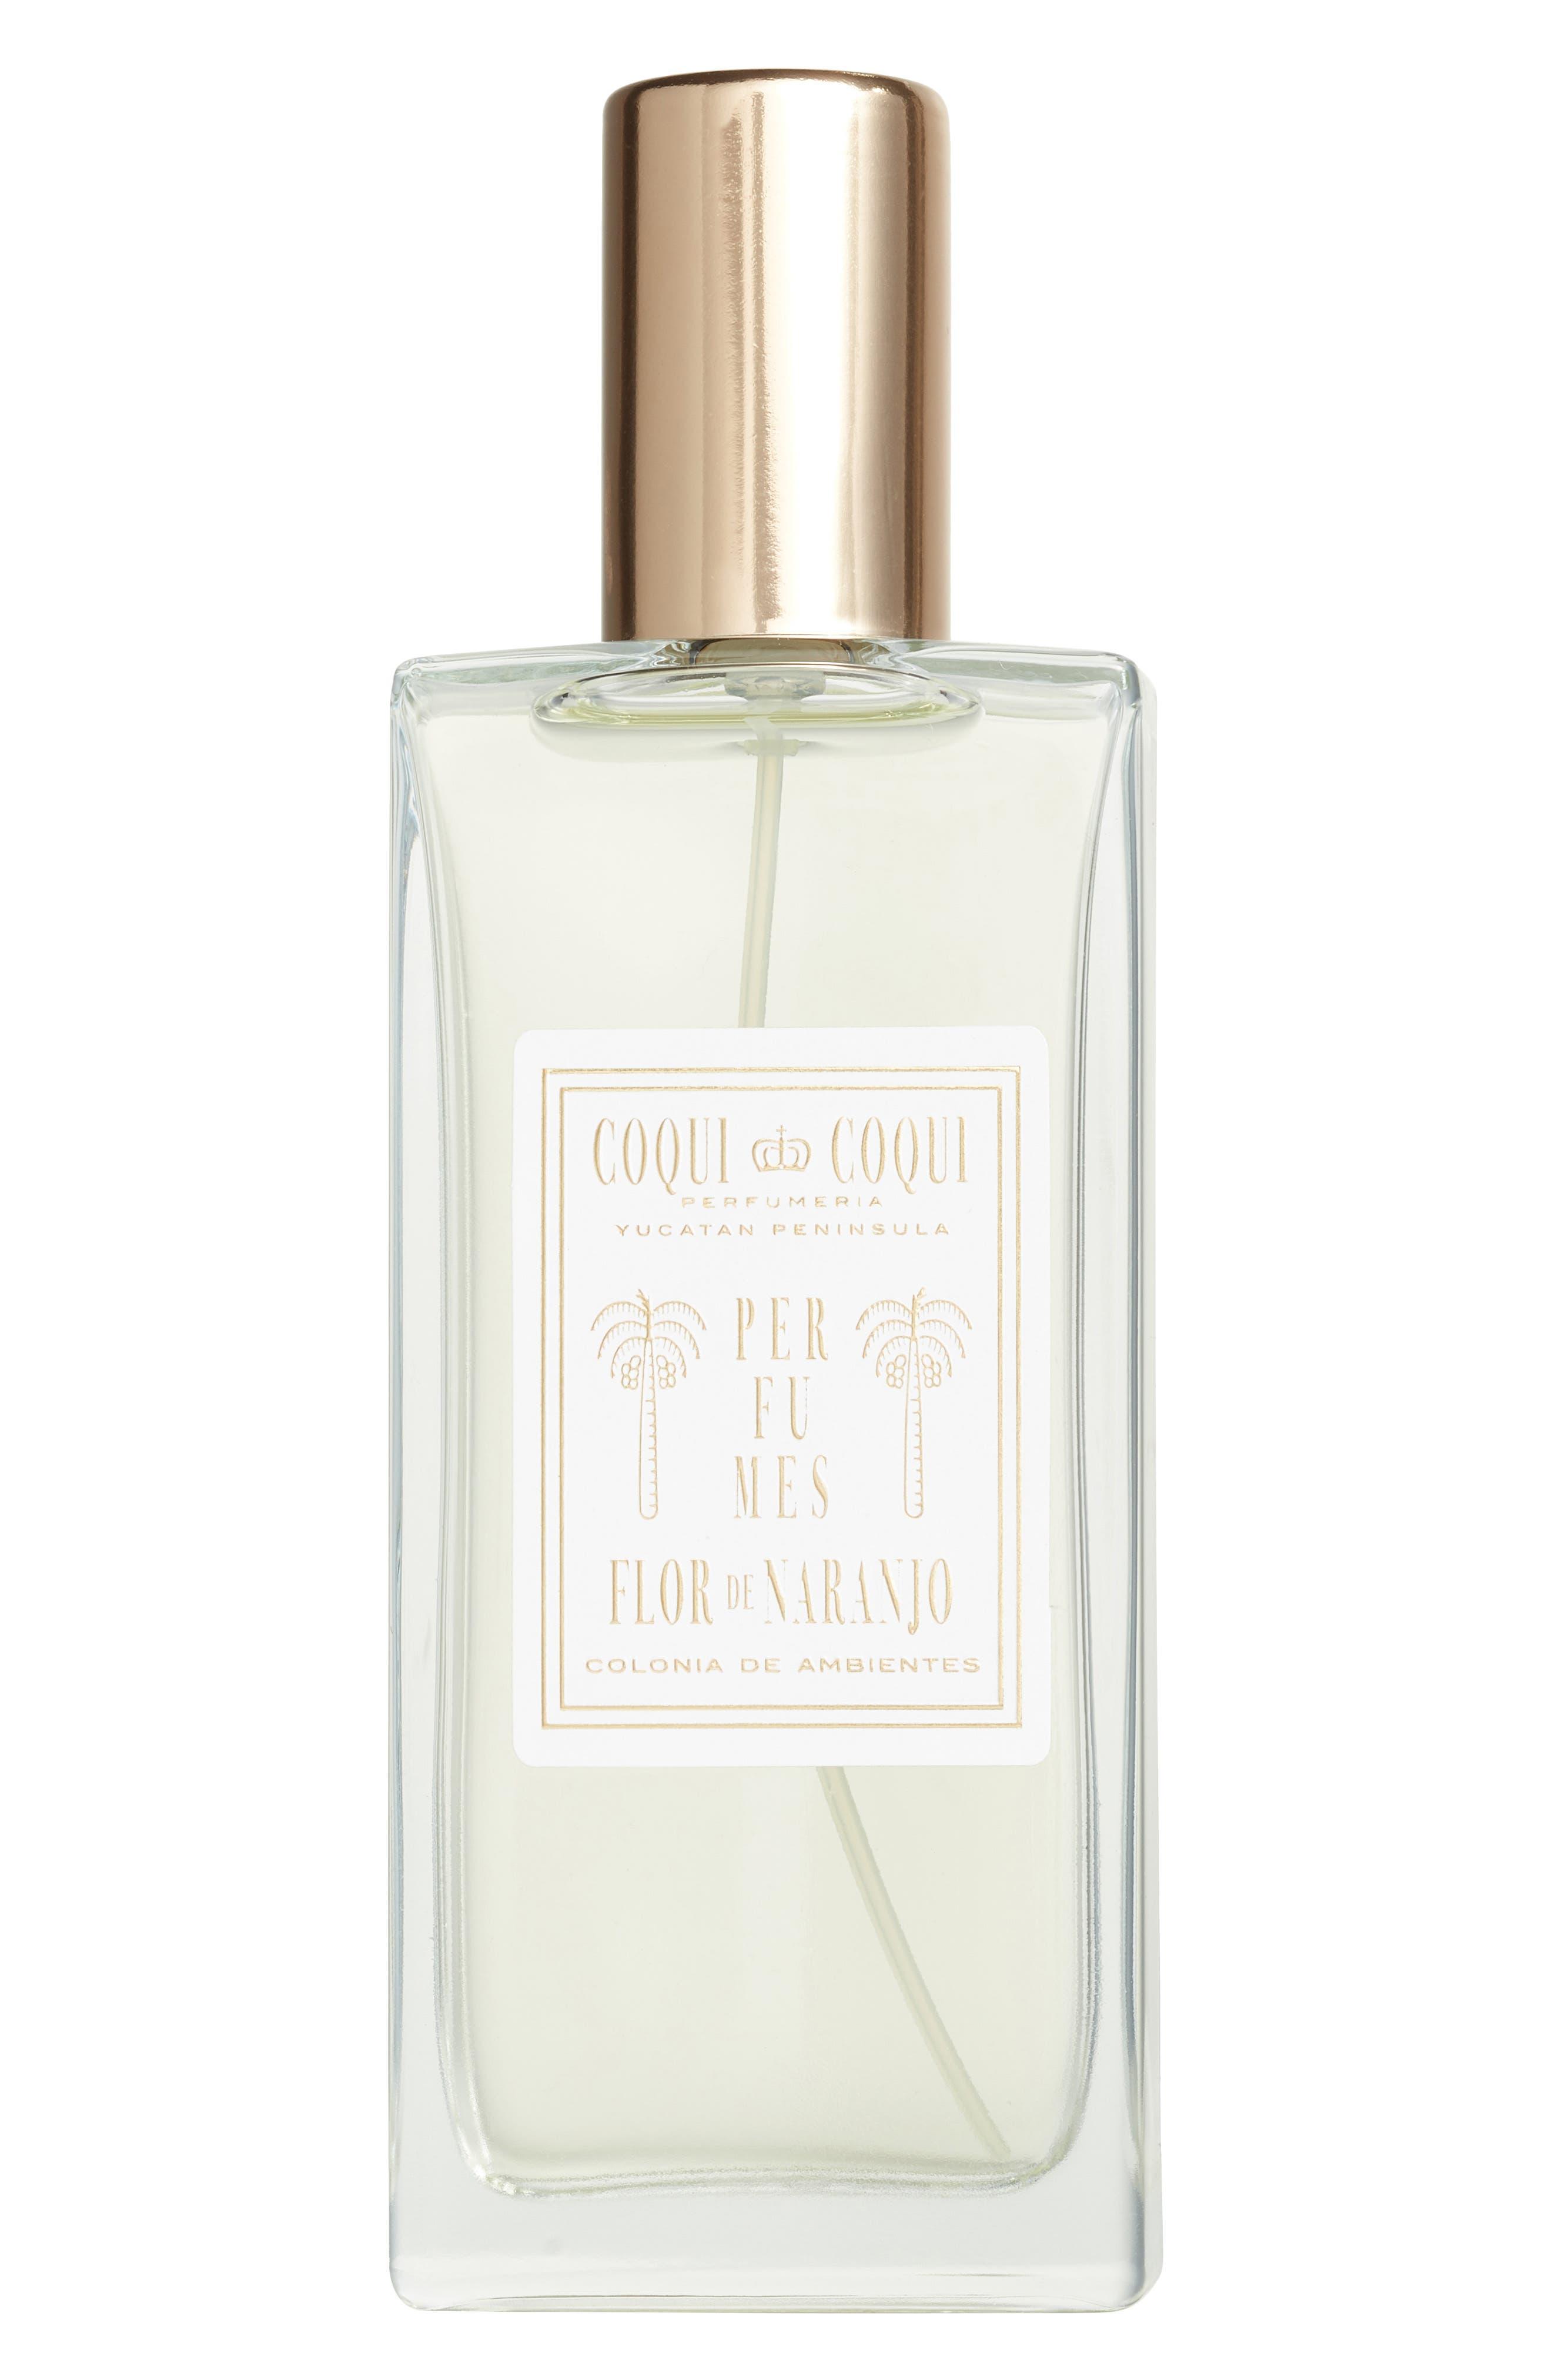 COQUI COQUI Eau De Parfum in Flor De Naranjo